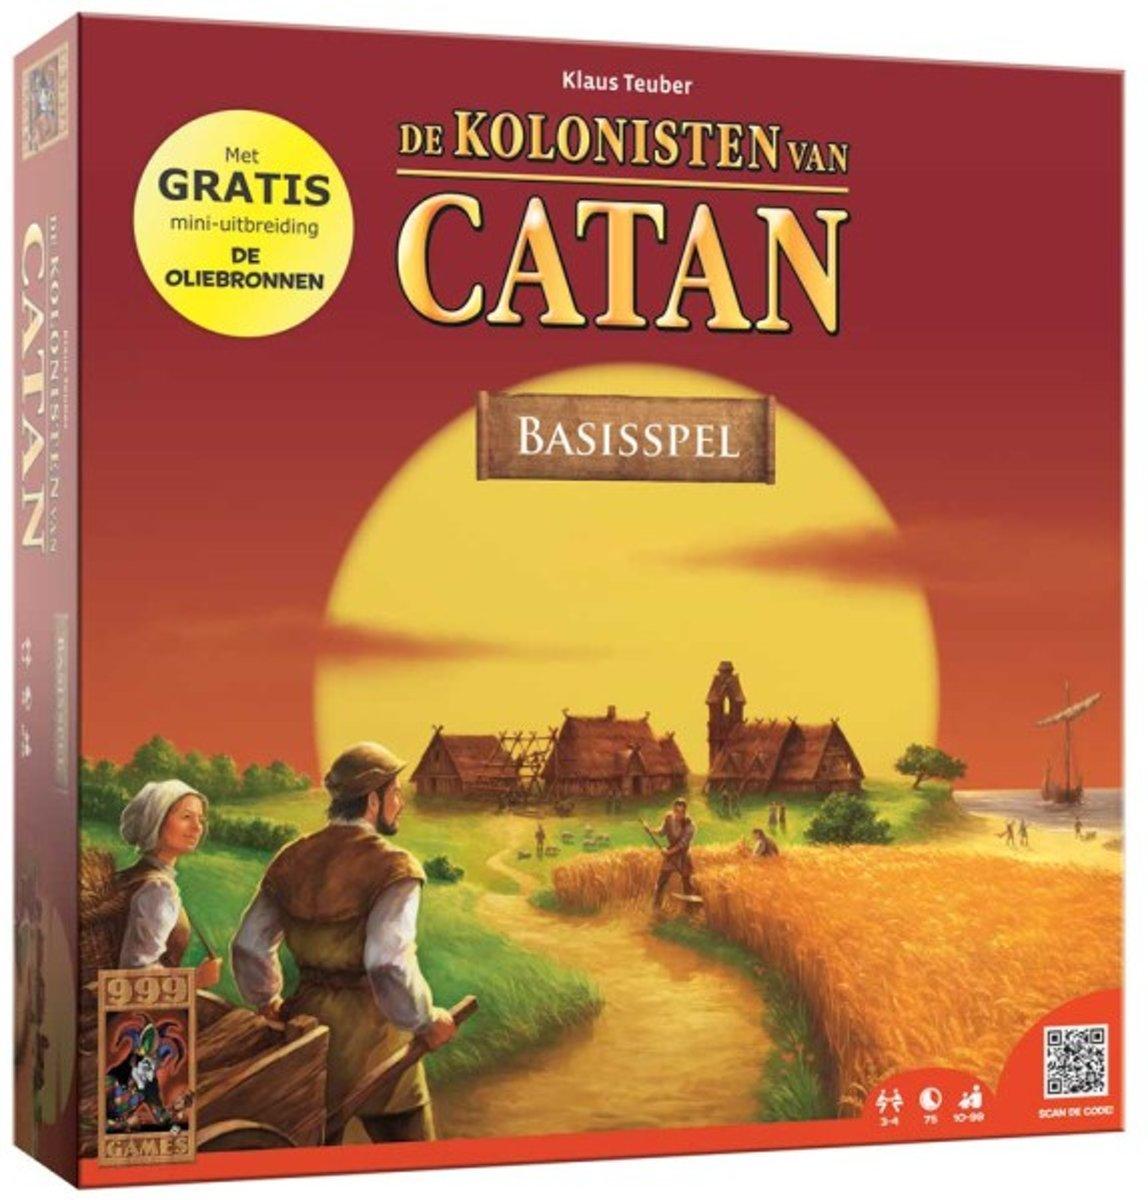 De Kolonisten van Catan + Gratis Uitbreiding De Oliebronnen - Bordspel